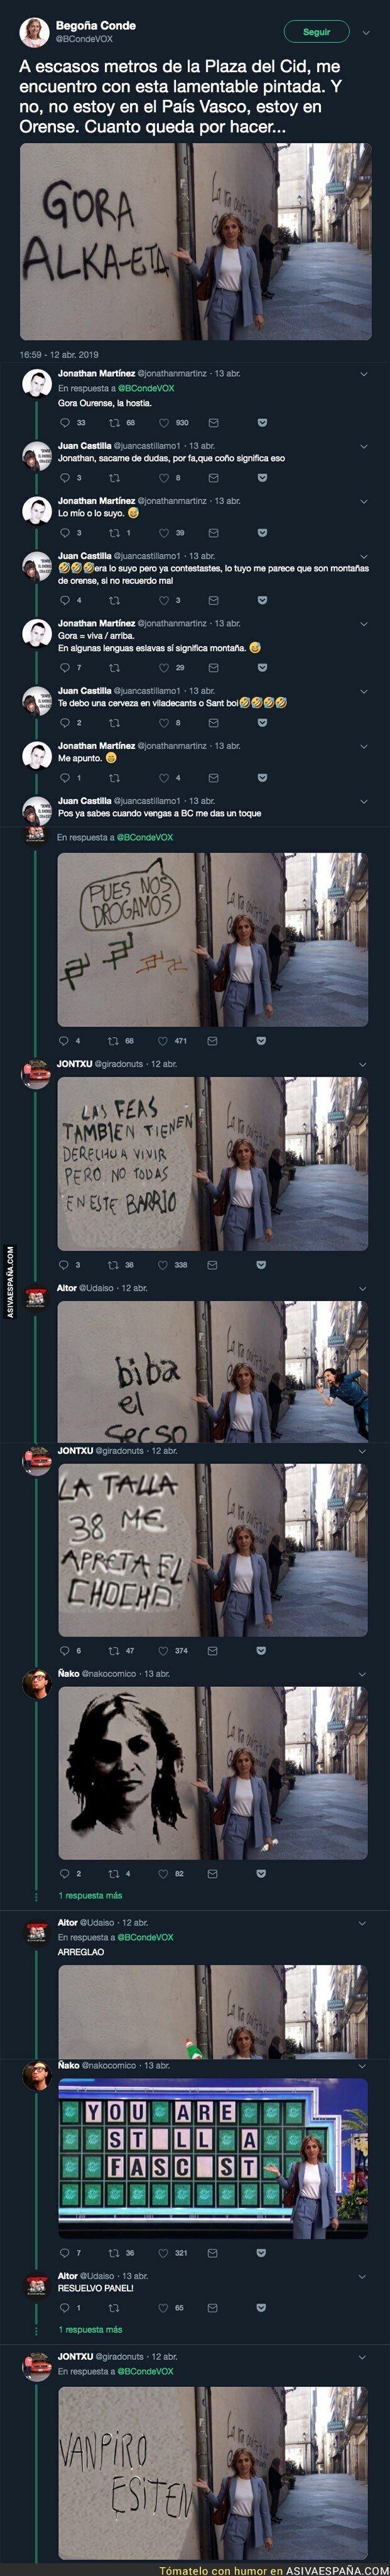 109146 - La candidata de Vox que confundió una pintada humorística con un mensaje proetarra y Twitter se mofó de ella